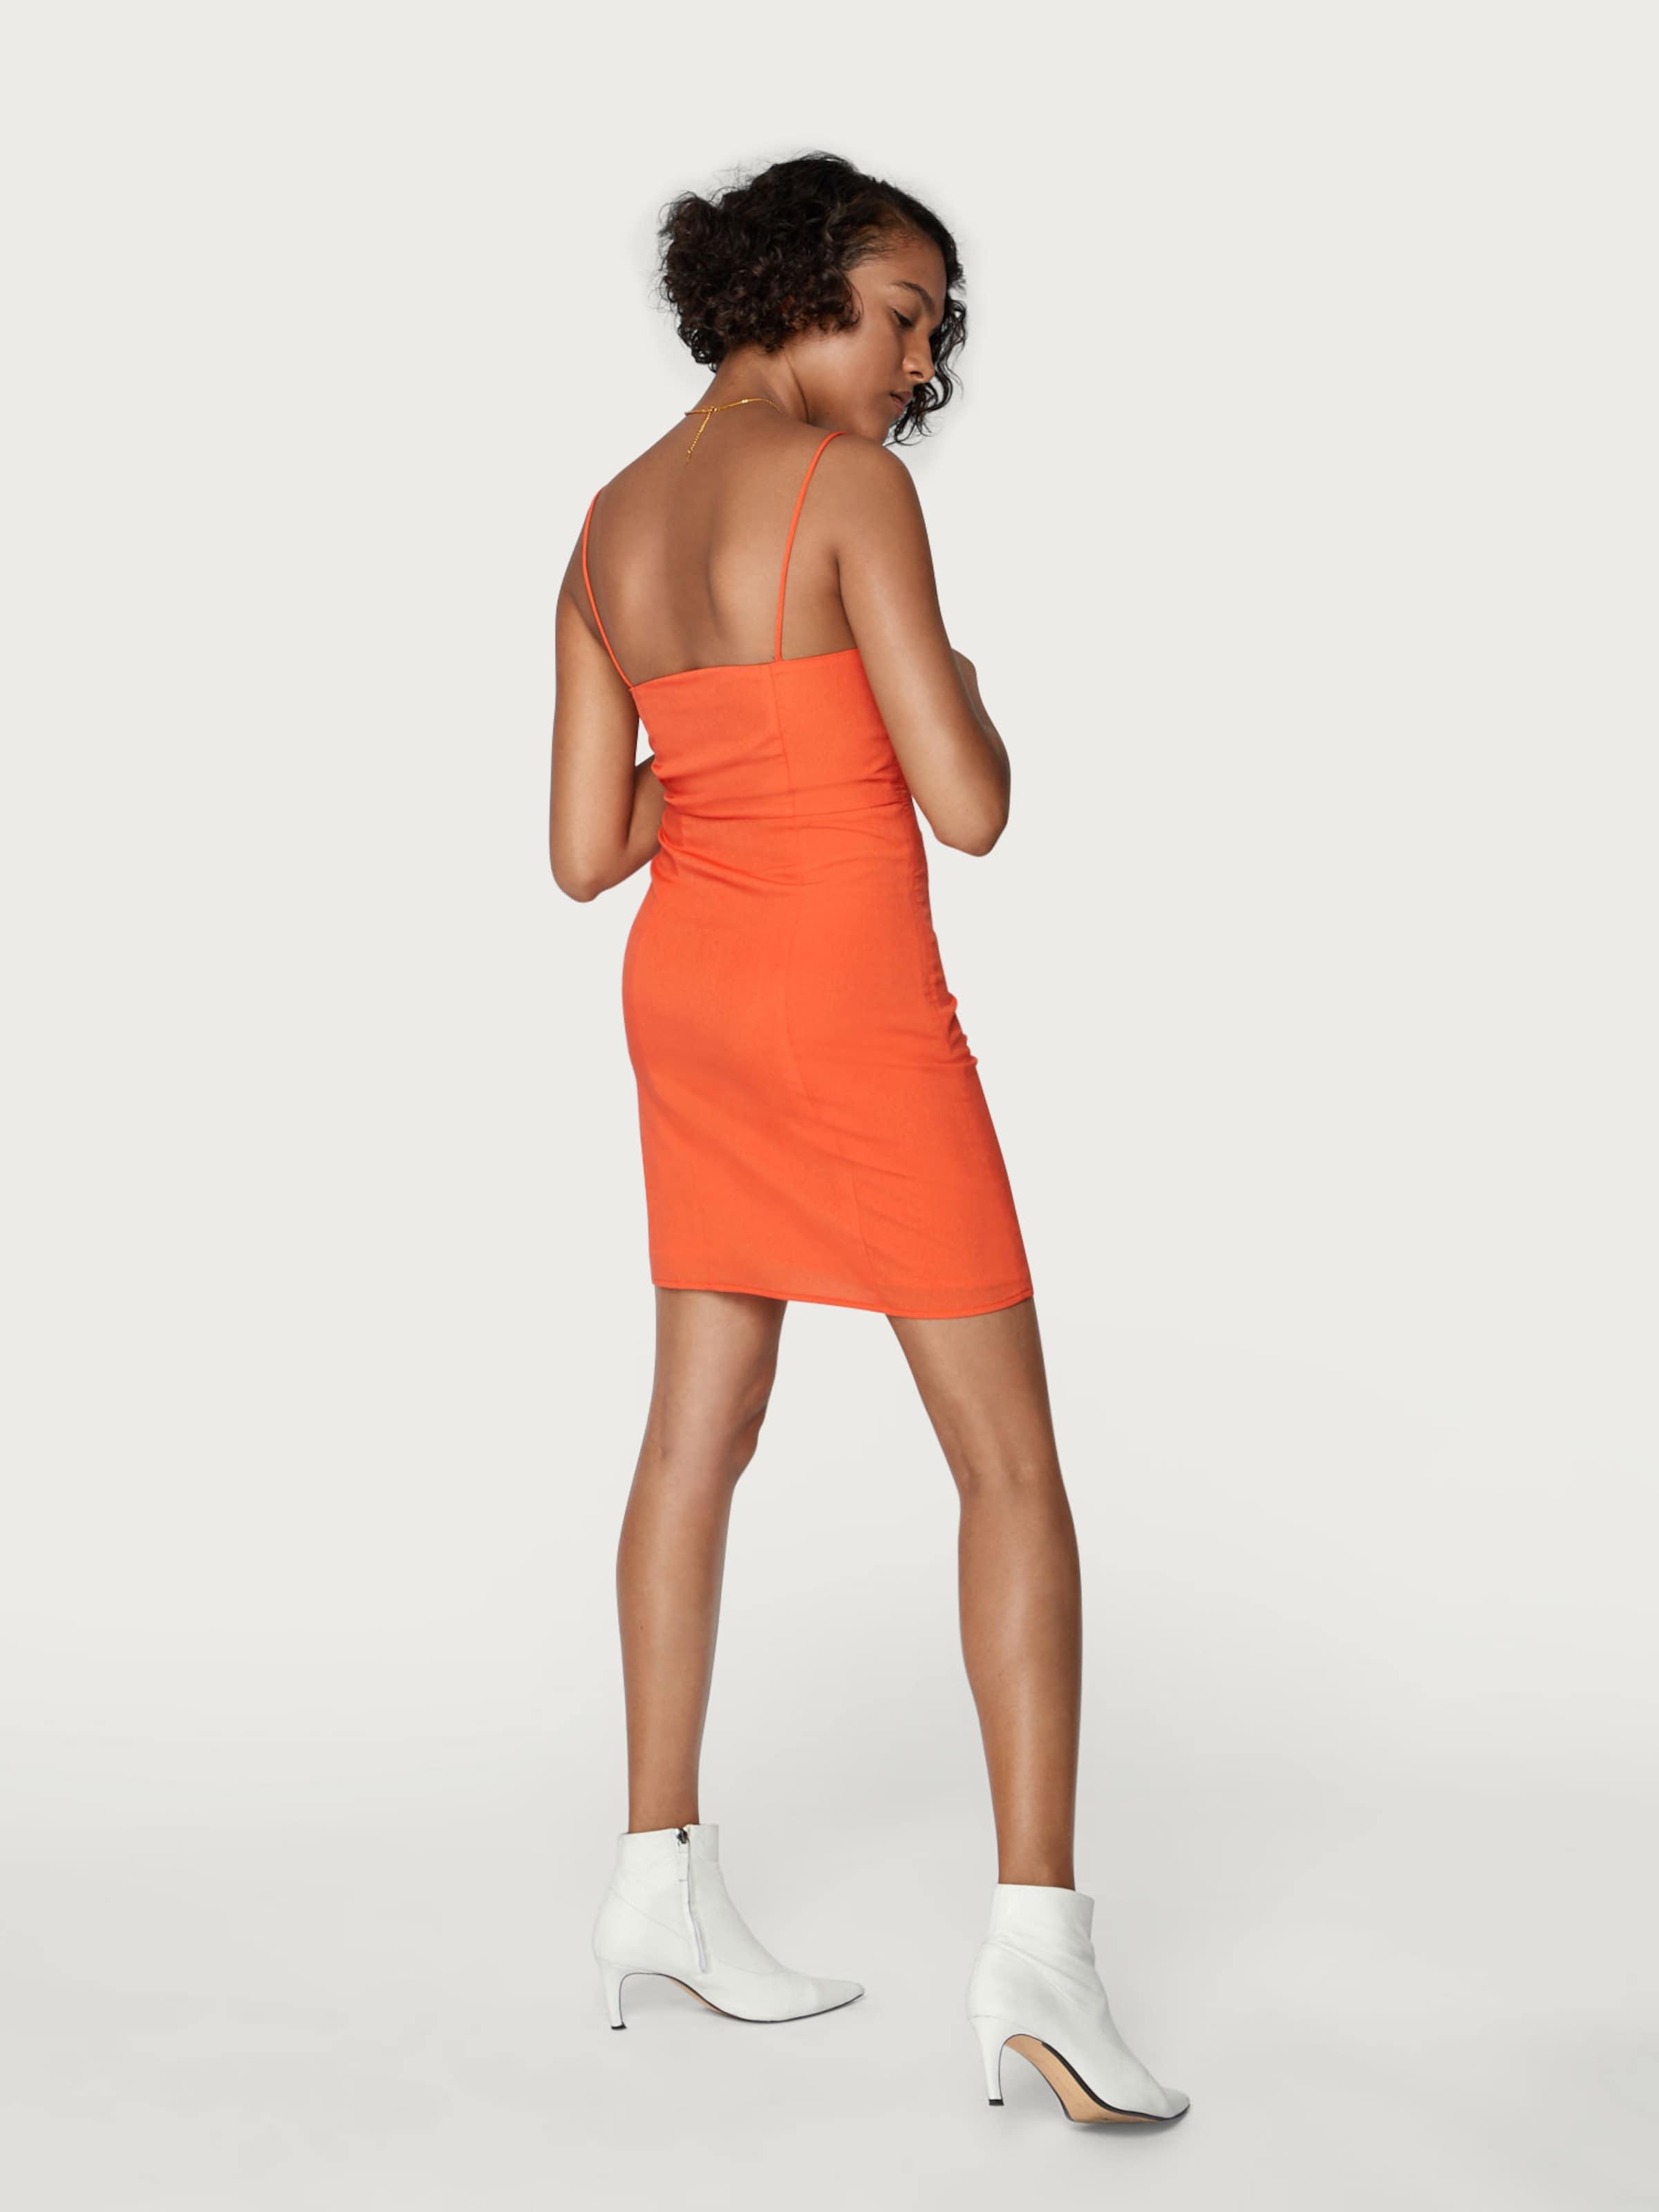 Kleid Edited Edited Dunkelorange 'milo' In 'milo' In Edited 'milo' In Kleid Kleid Dunkelorange kXnPN08wO